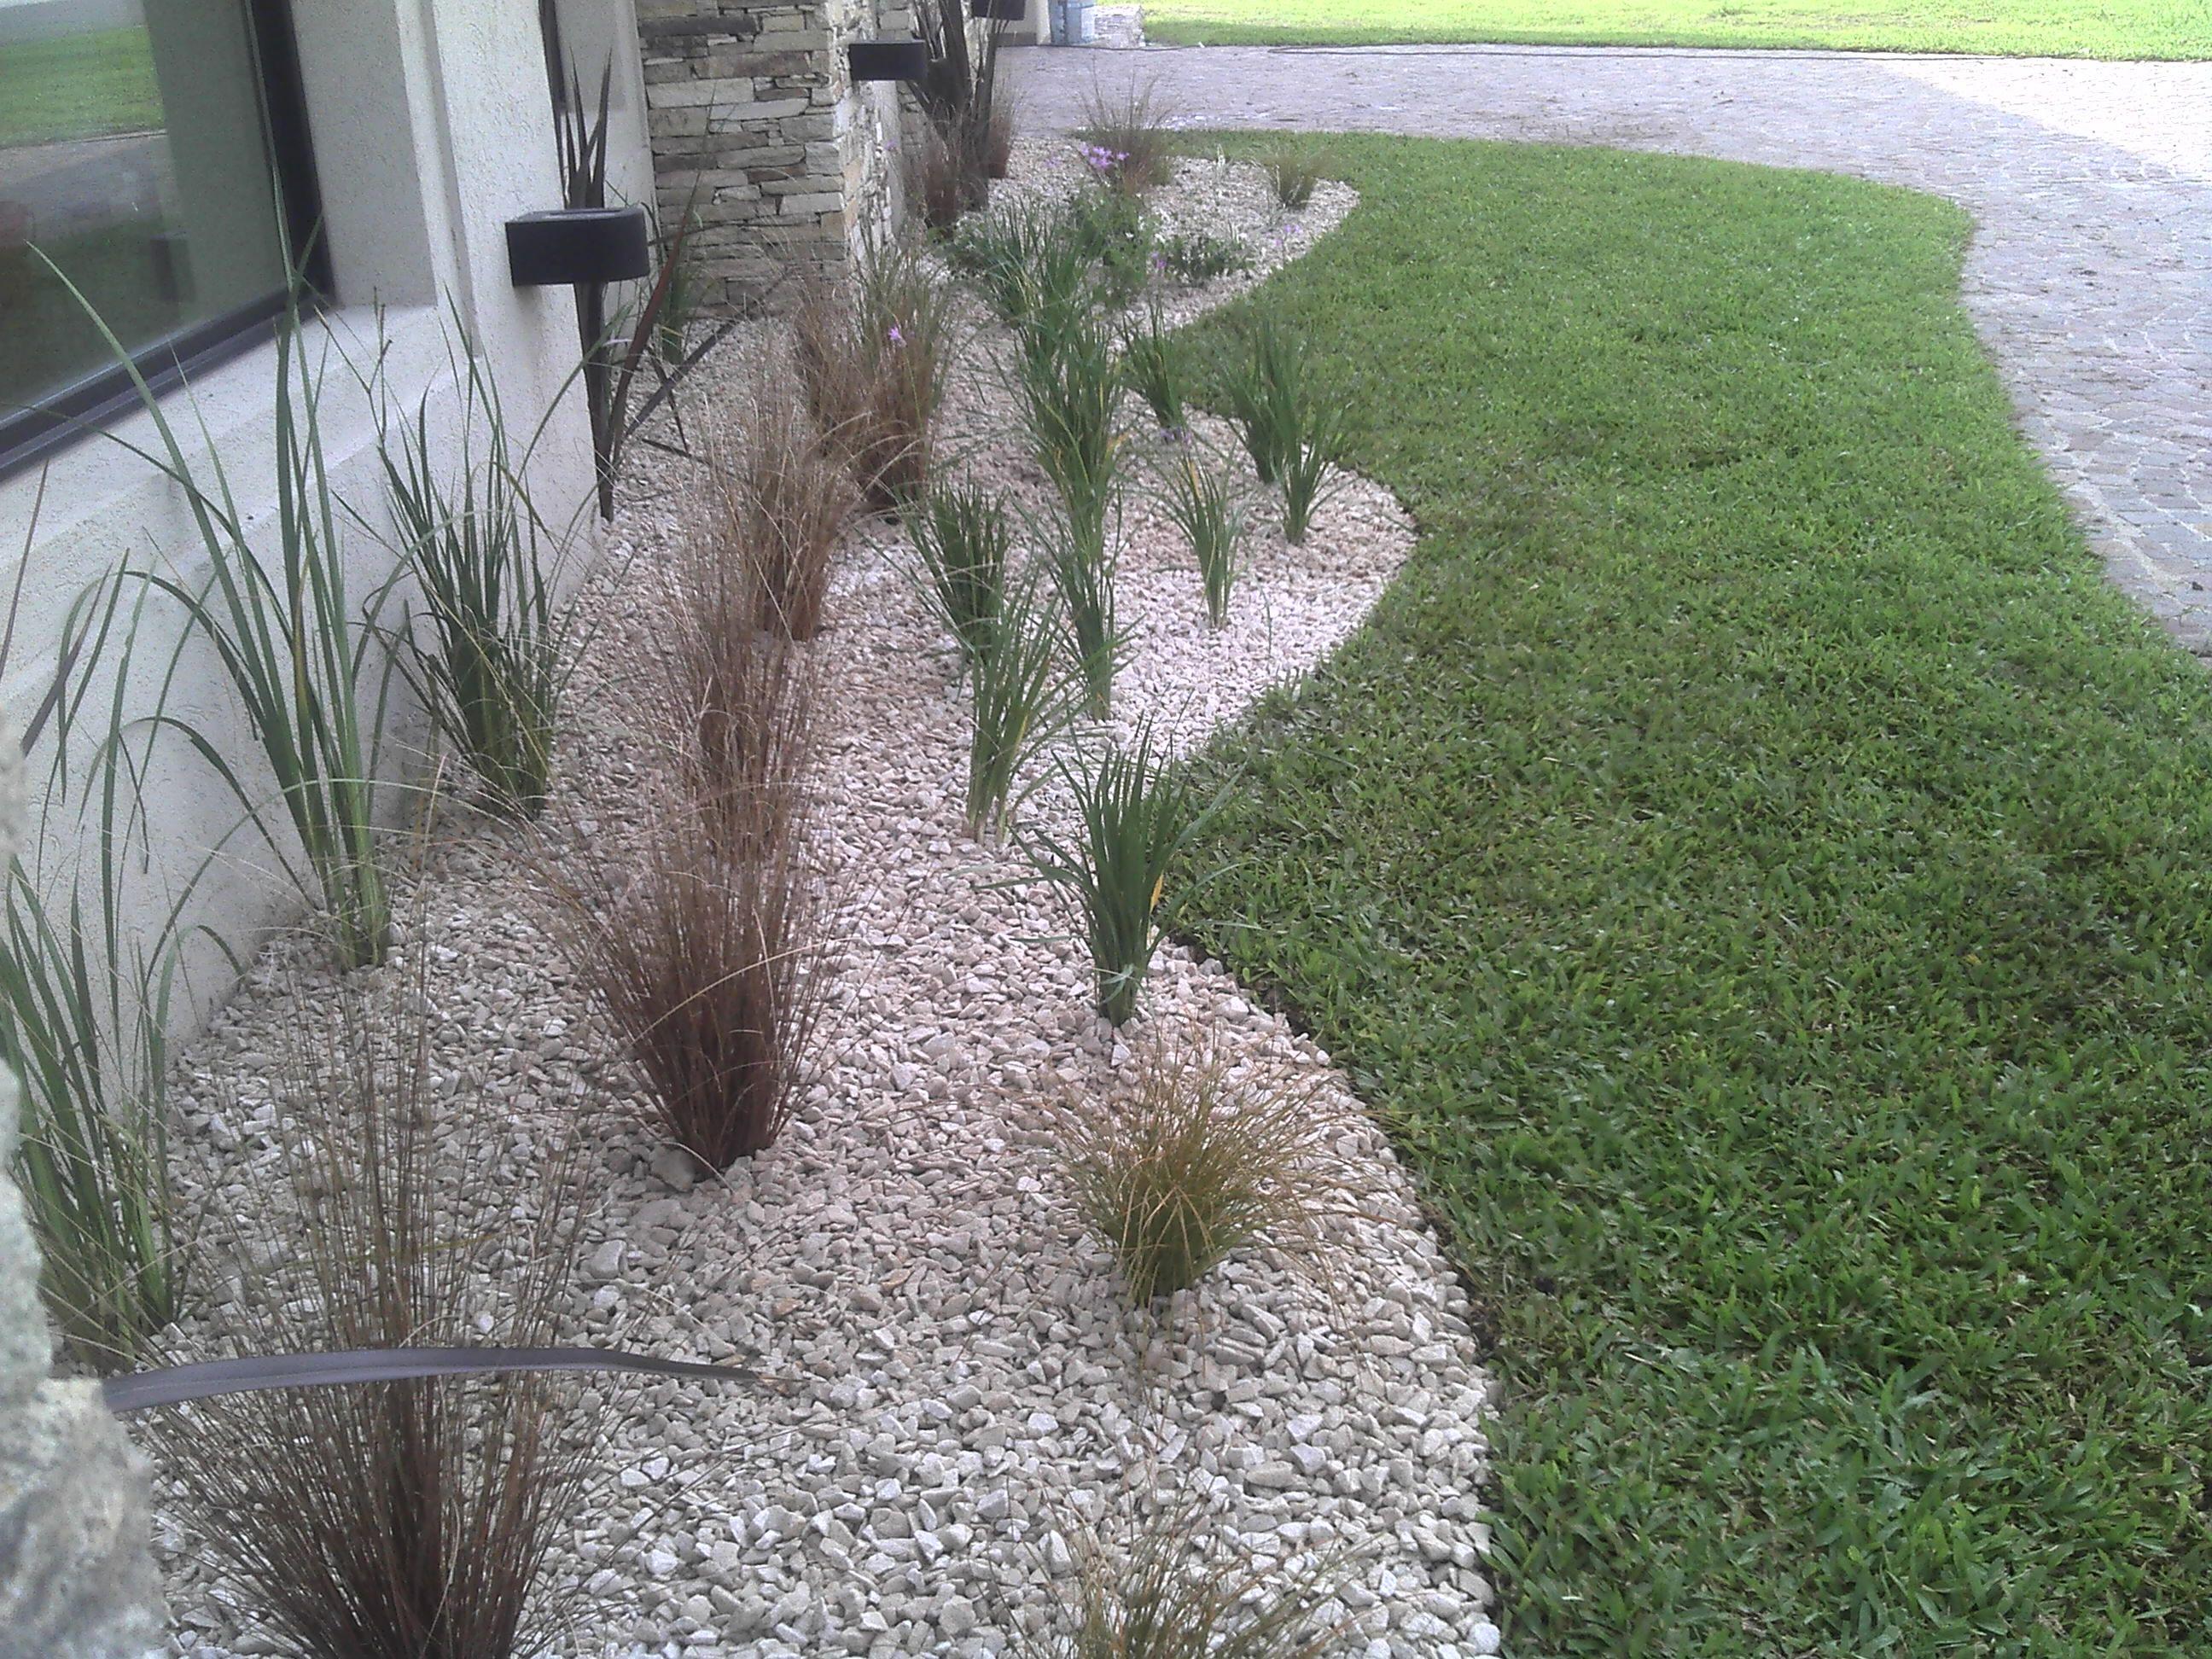 Dise o de canteros con piedra lugares y espacios for Jardines arreglados con piedras